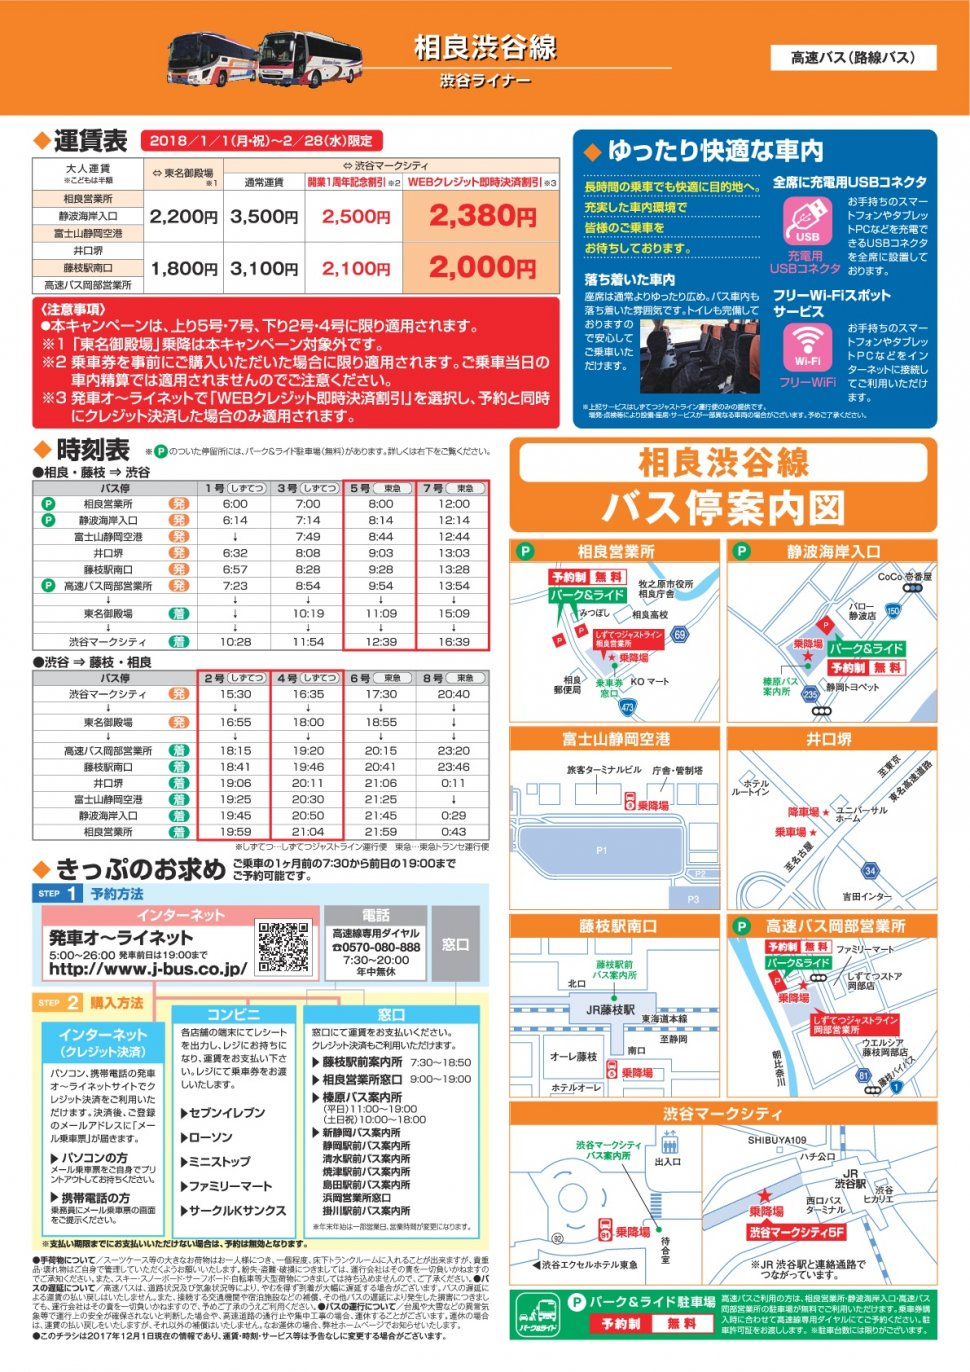 相良渋谷線チラシ裏面-001